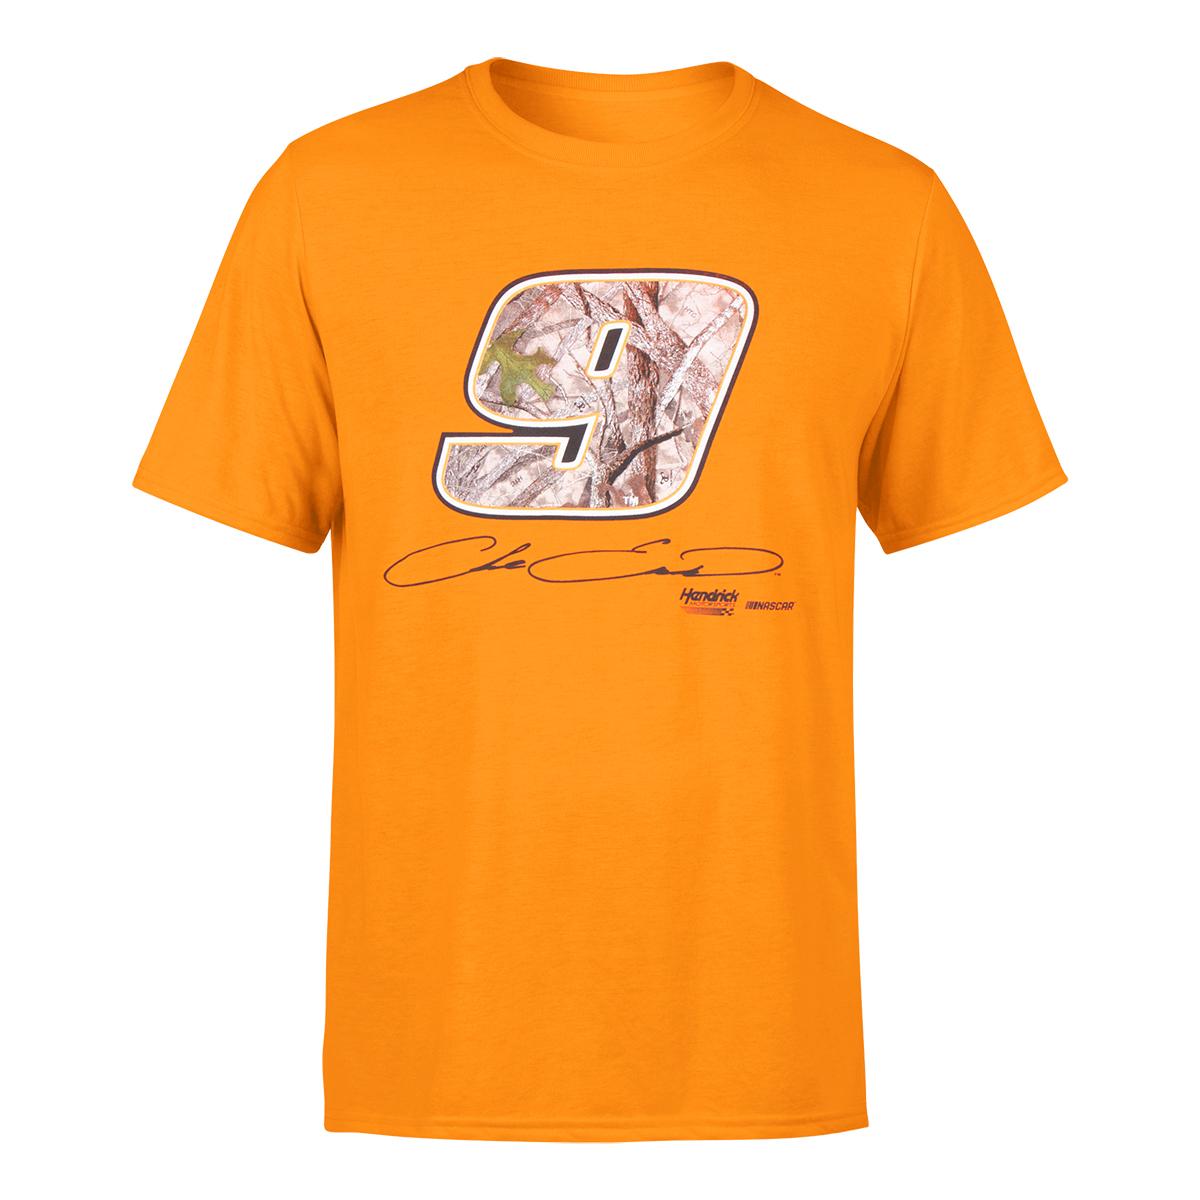 Chase Elliott 2018 #9 Youth TrueTimber Blaze T-shirt